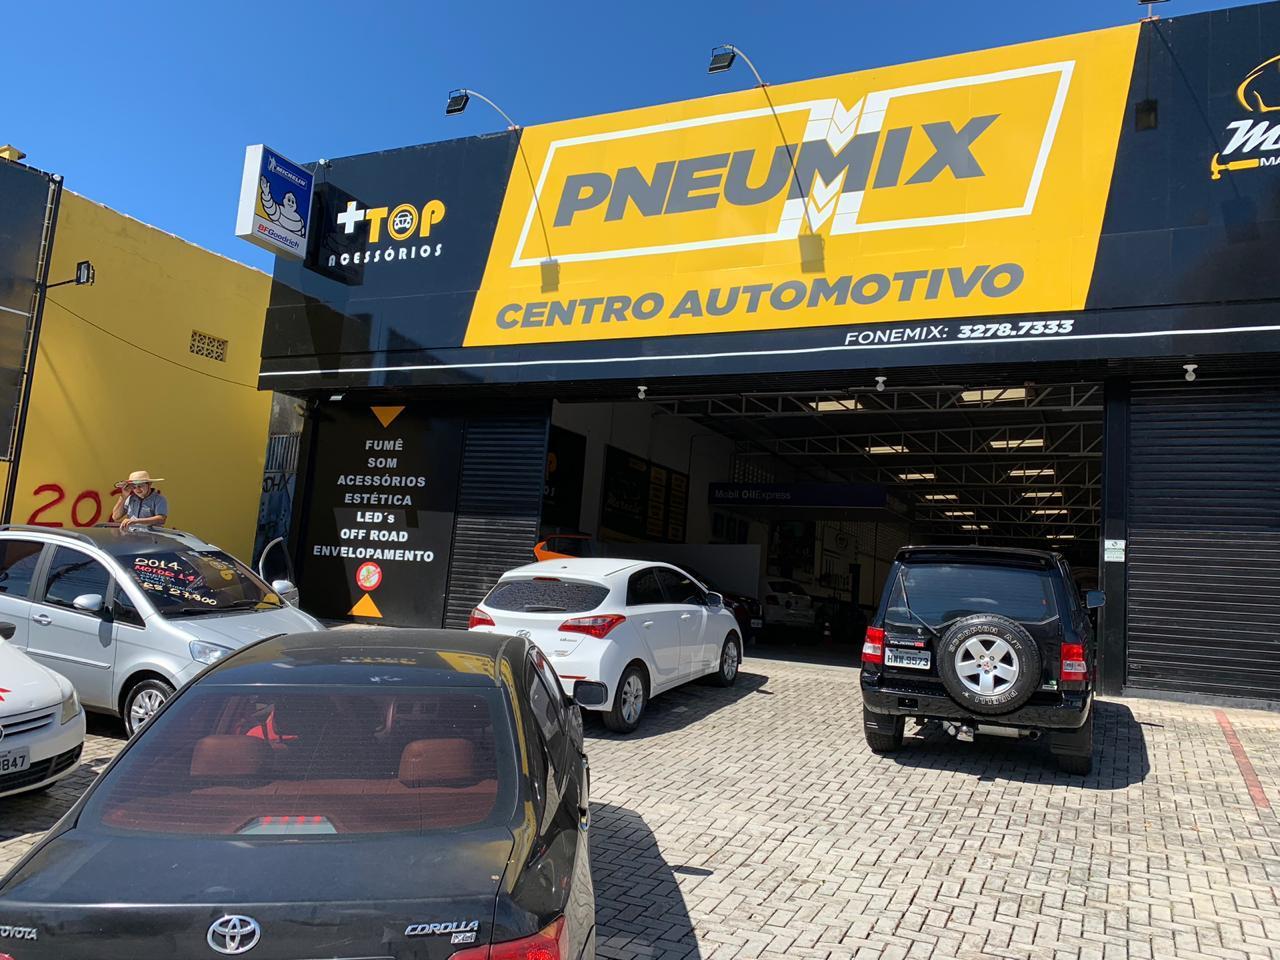 Alinhamento 3D + Balanceamento + Checagem Geral para carros pequenos ou médios de R$80 por apenas R$45,90